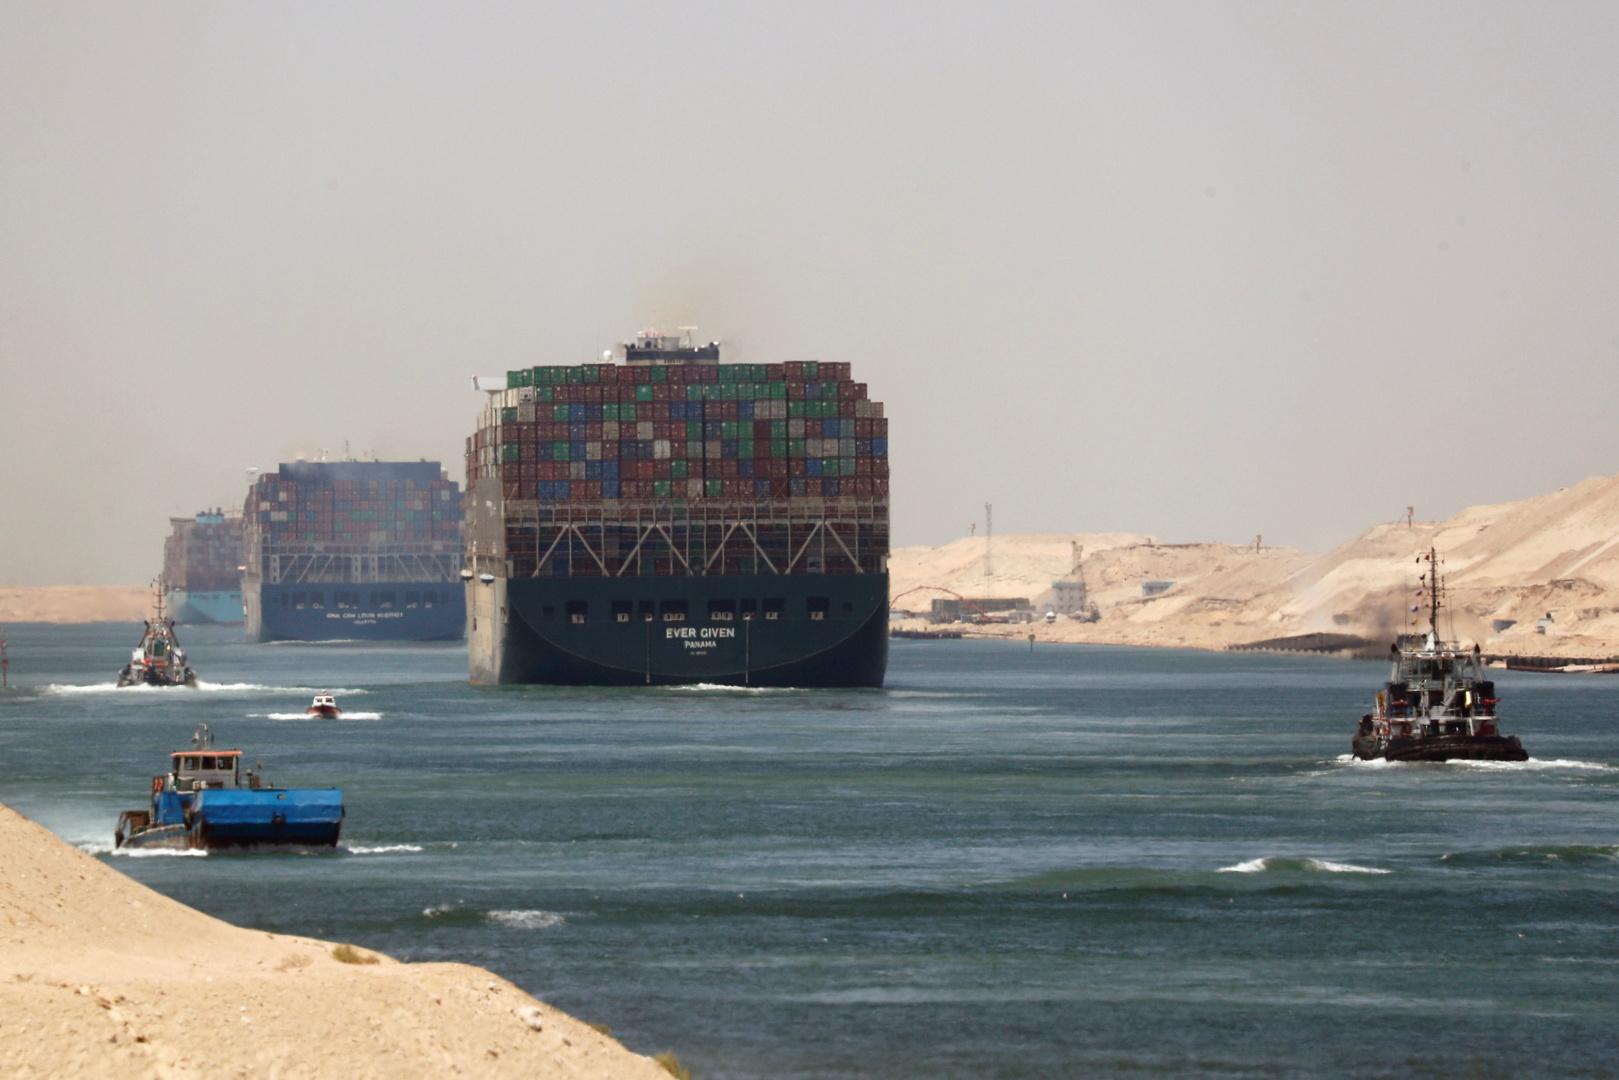 الأسطول المصري يسارع لتعويم سفينة جنحت في قناة السويس (صورة)